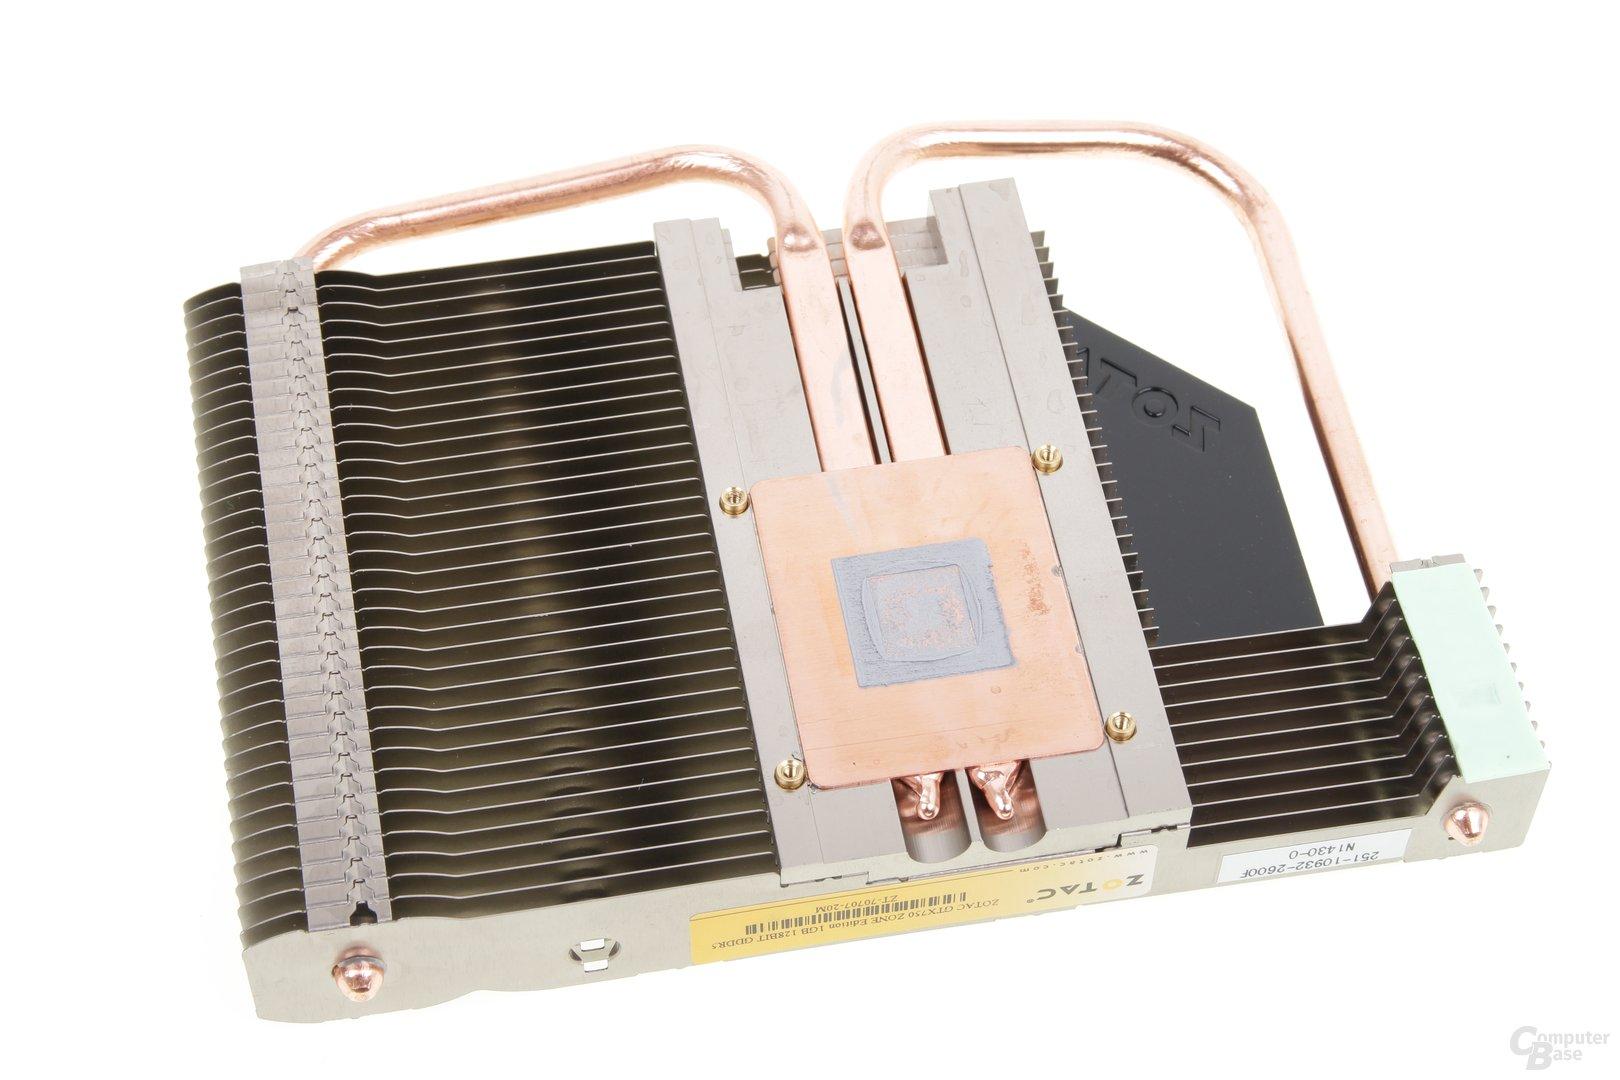 Zotac GeForce GTX 750 Zone - Kühlerrückseite